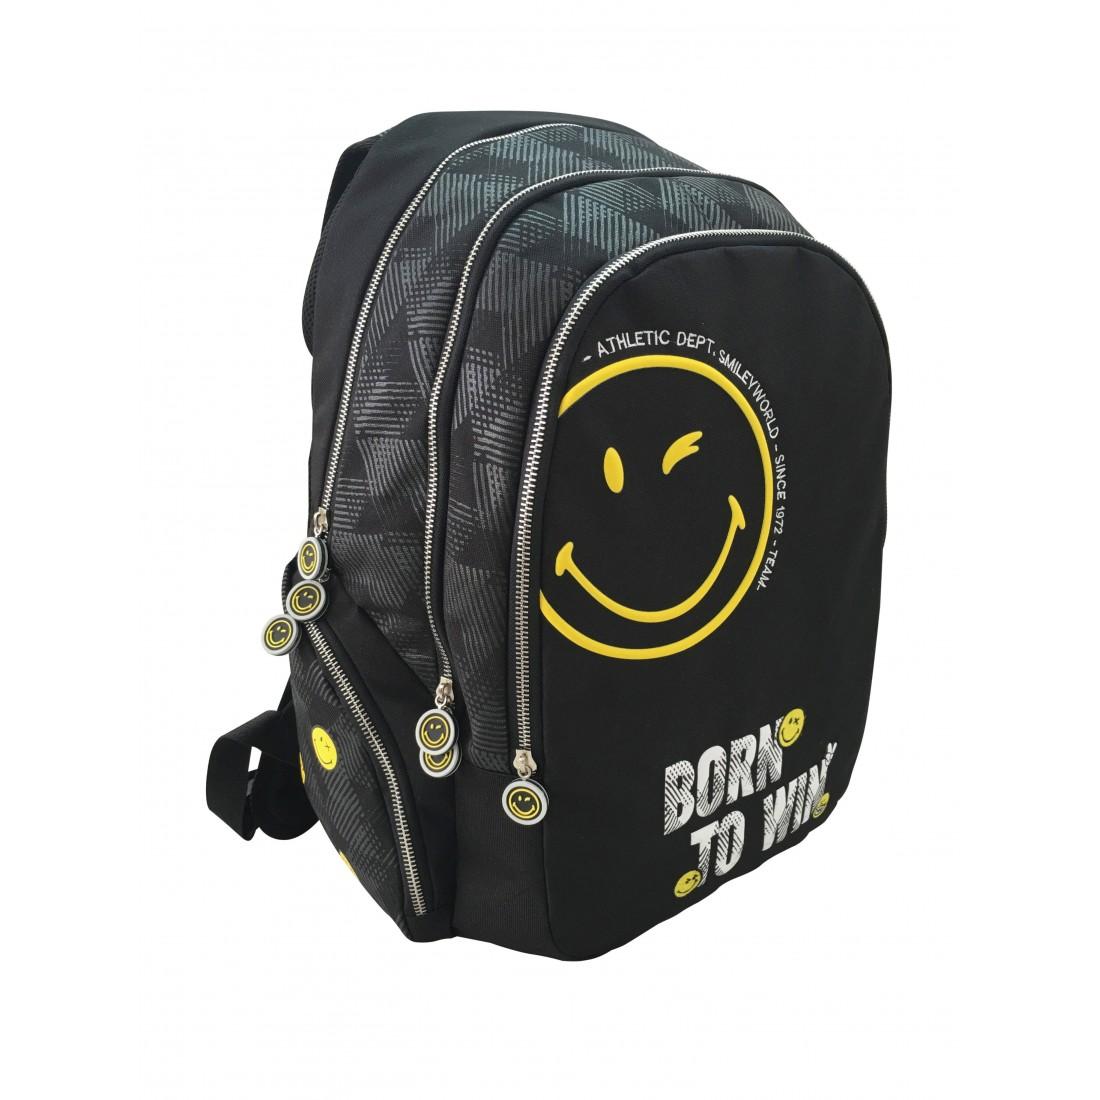 Plecak miejski SMILEY WORLD młodzieżowy - czarny, żółta emotka - WINNER - plecak-tornister.pl